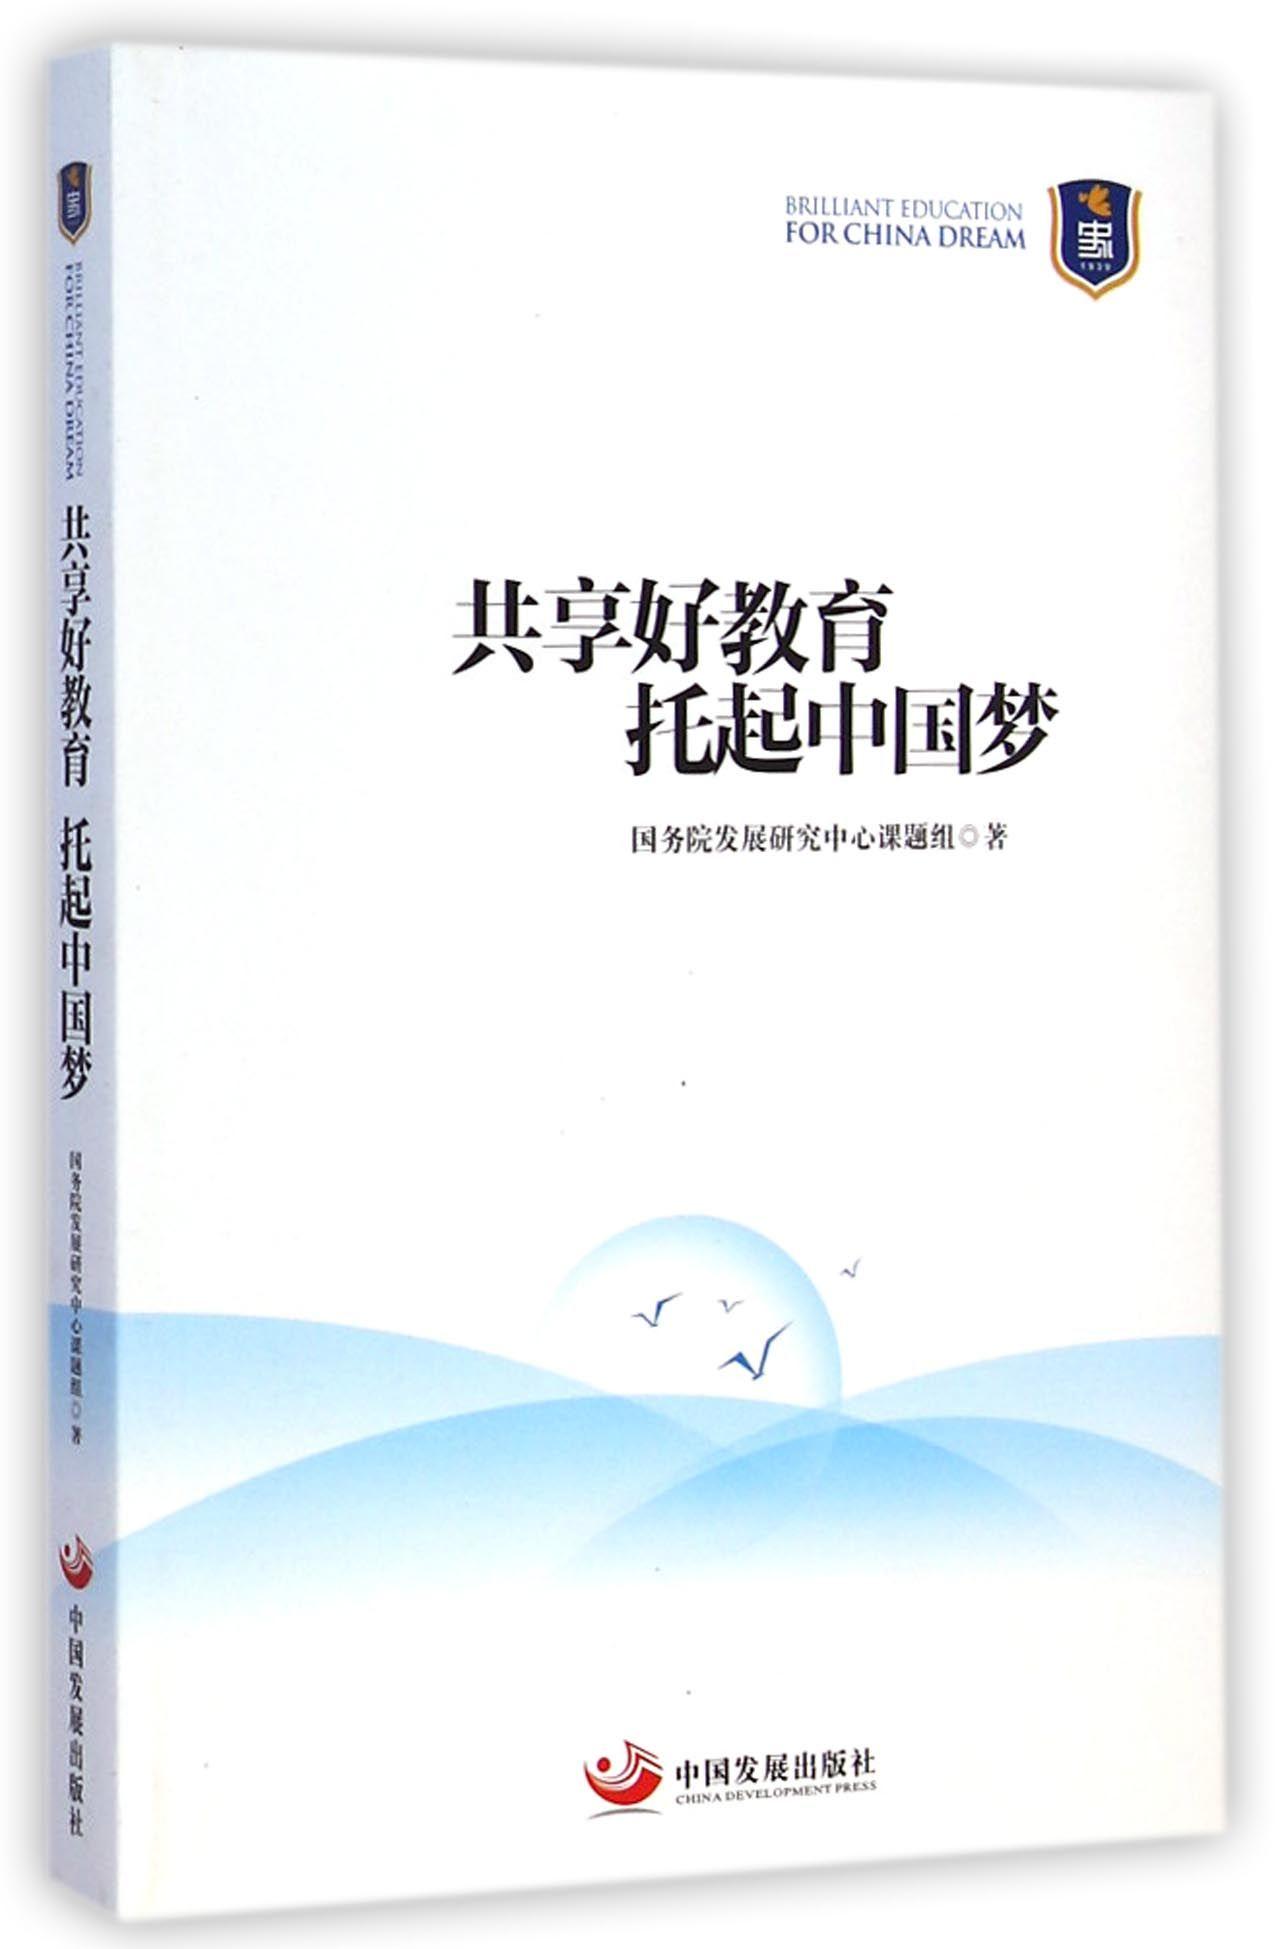 共享好教育托起中国梦